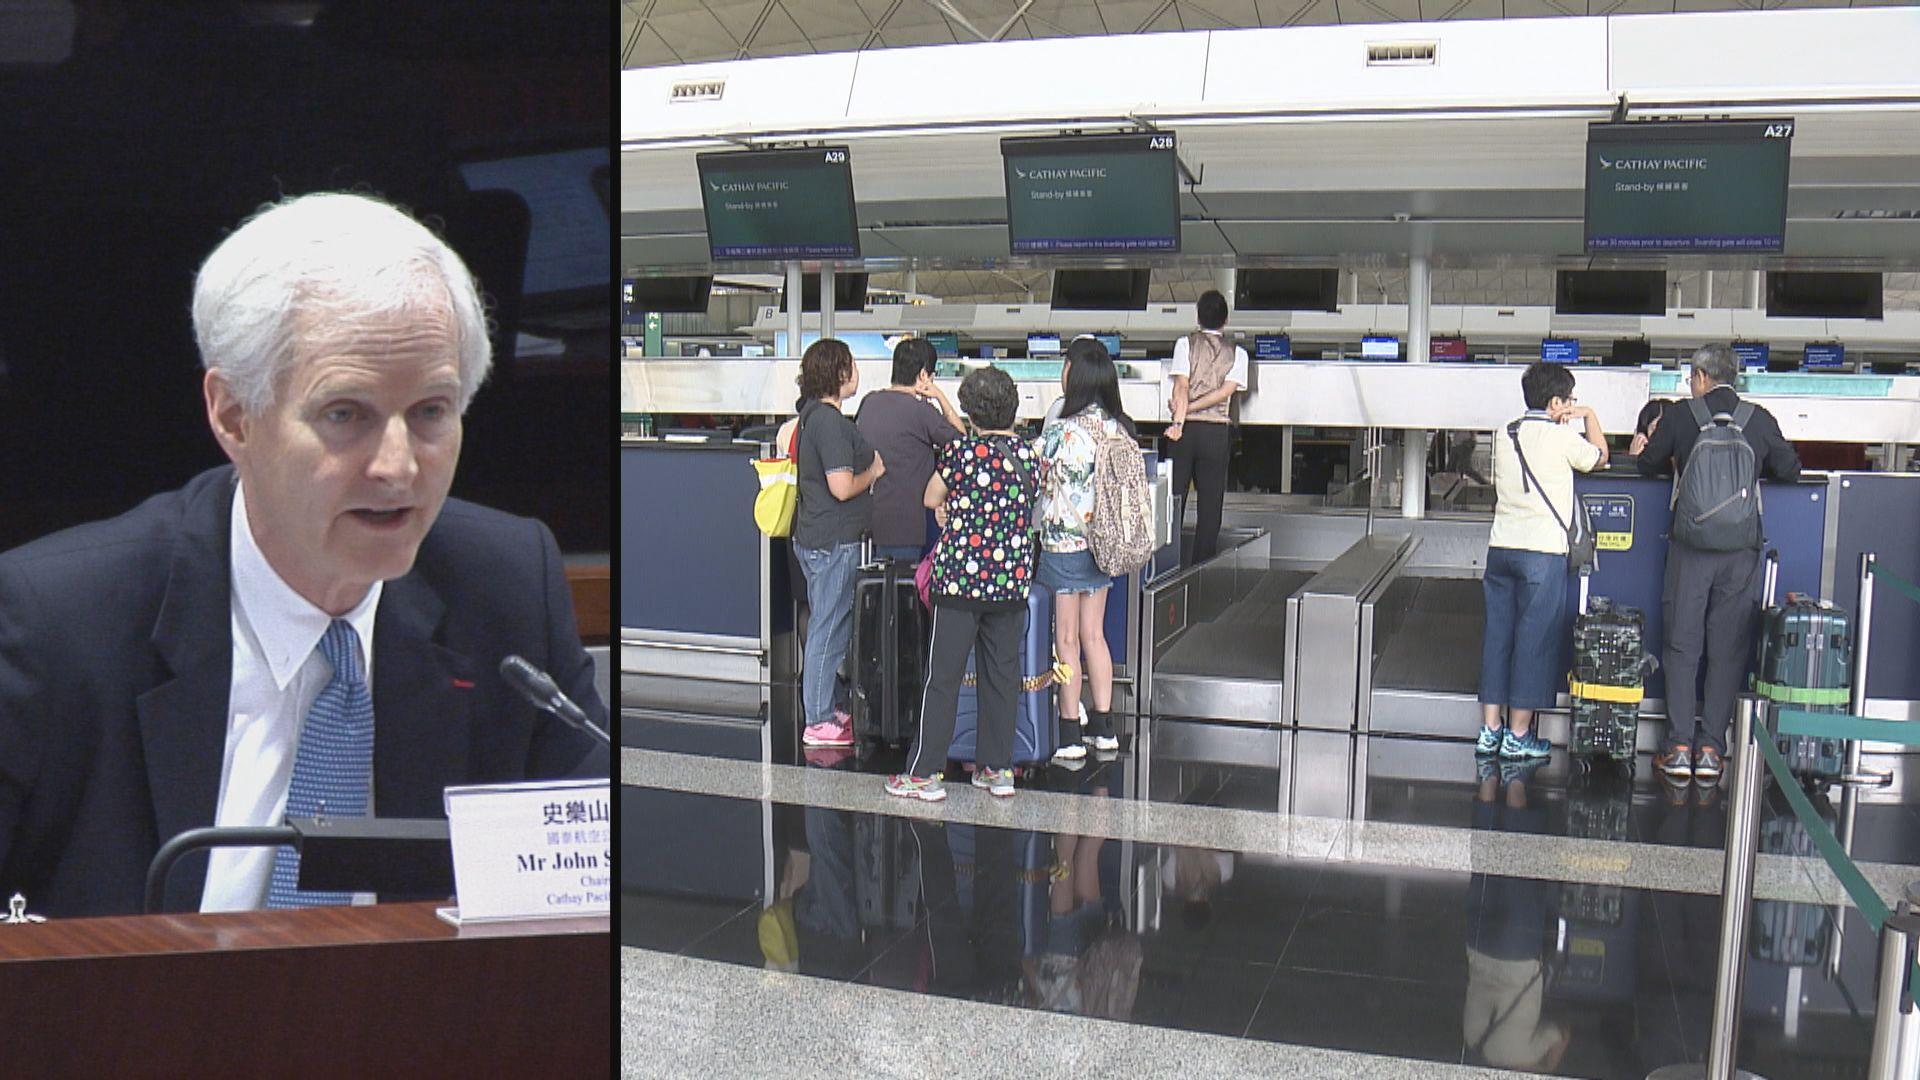 國泰乘客資料外洩  私隱署暫收二百多查詢